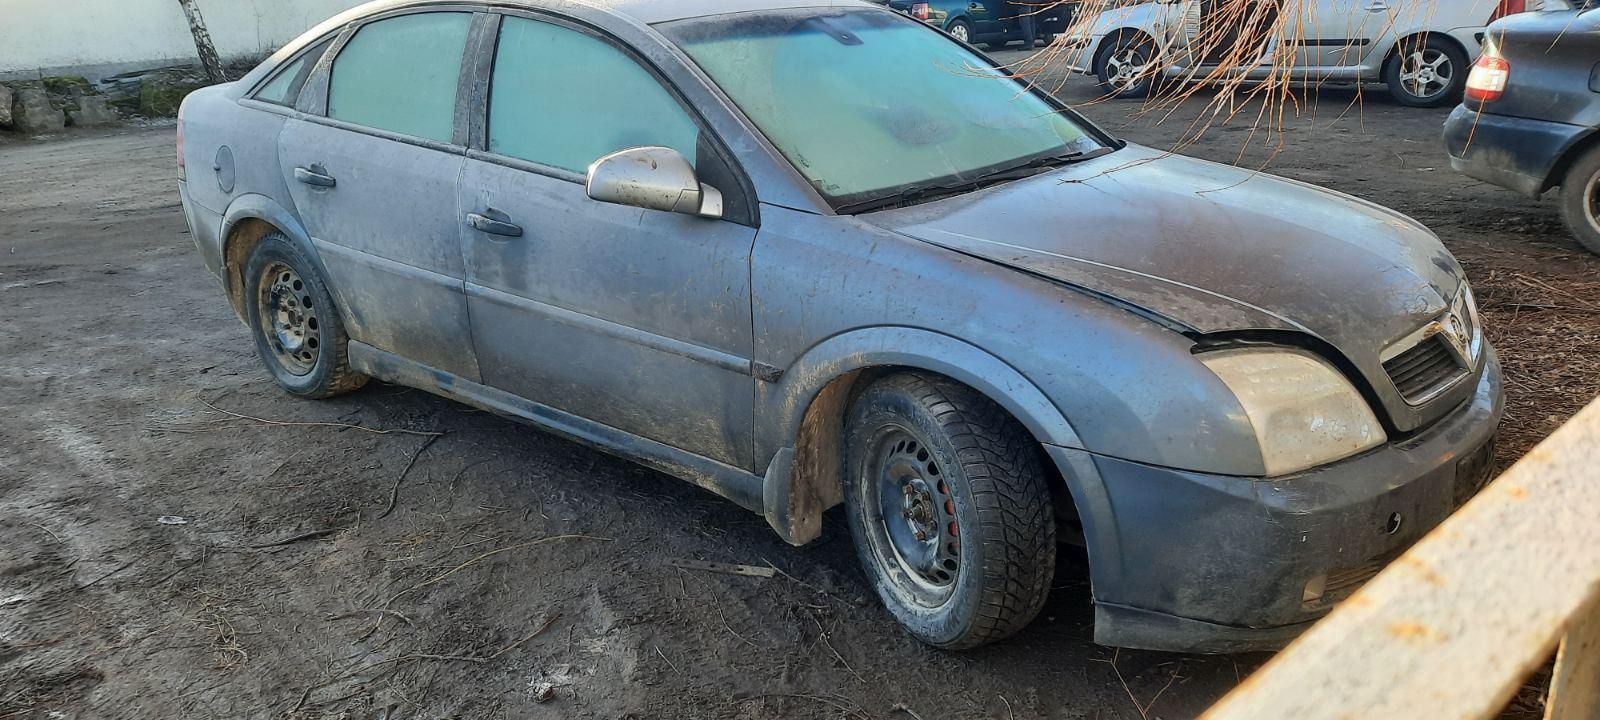 Подержанные Автозапчасти Opel VECTRA 2003 2.0 машиностроение хэтчбэк 4/5 d. синий 2021-3-03